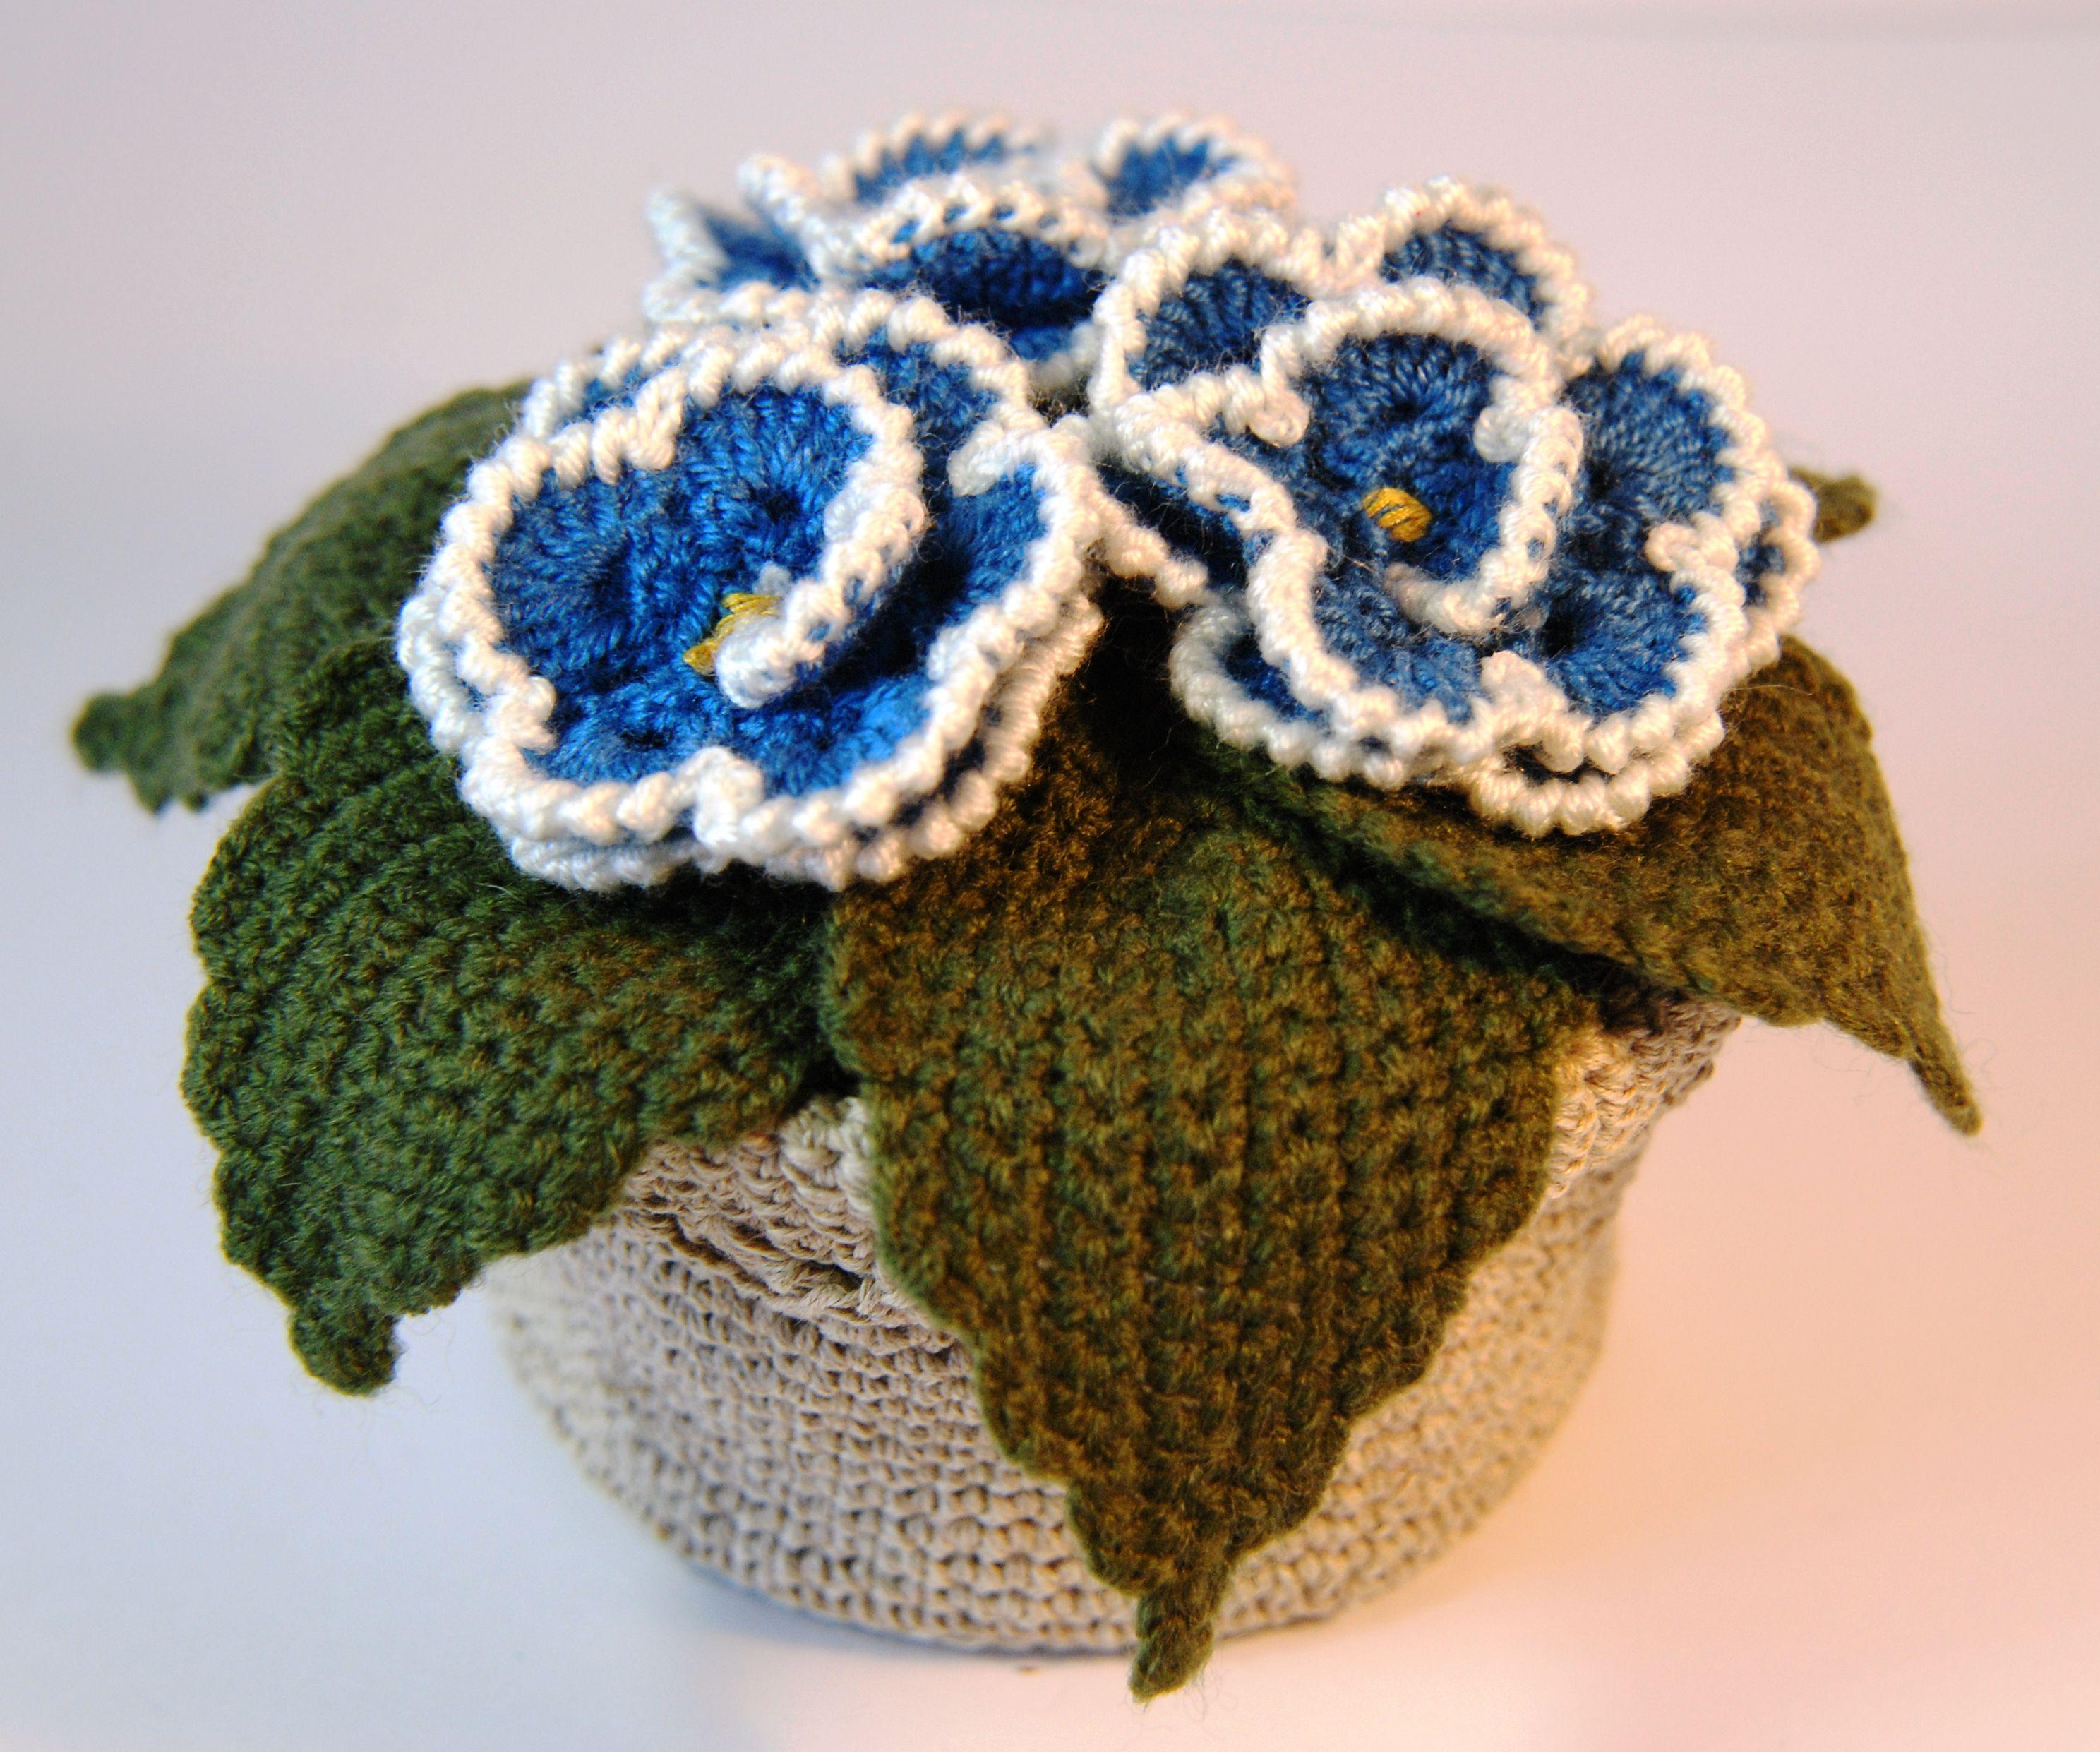 интерьера декор сувенир для крючком цветы подарок